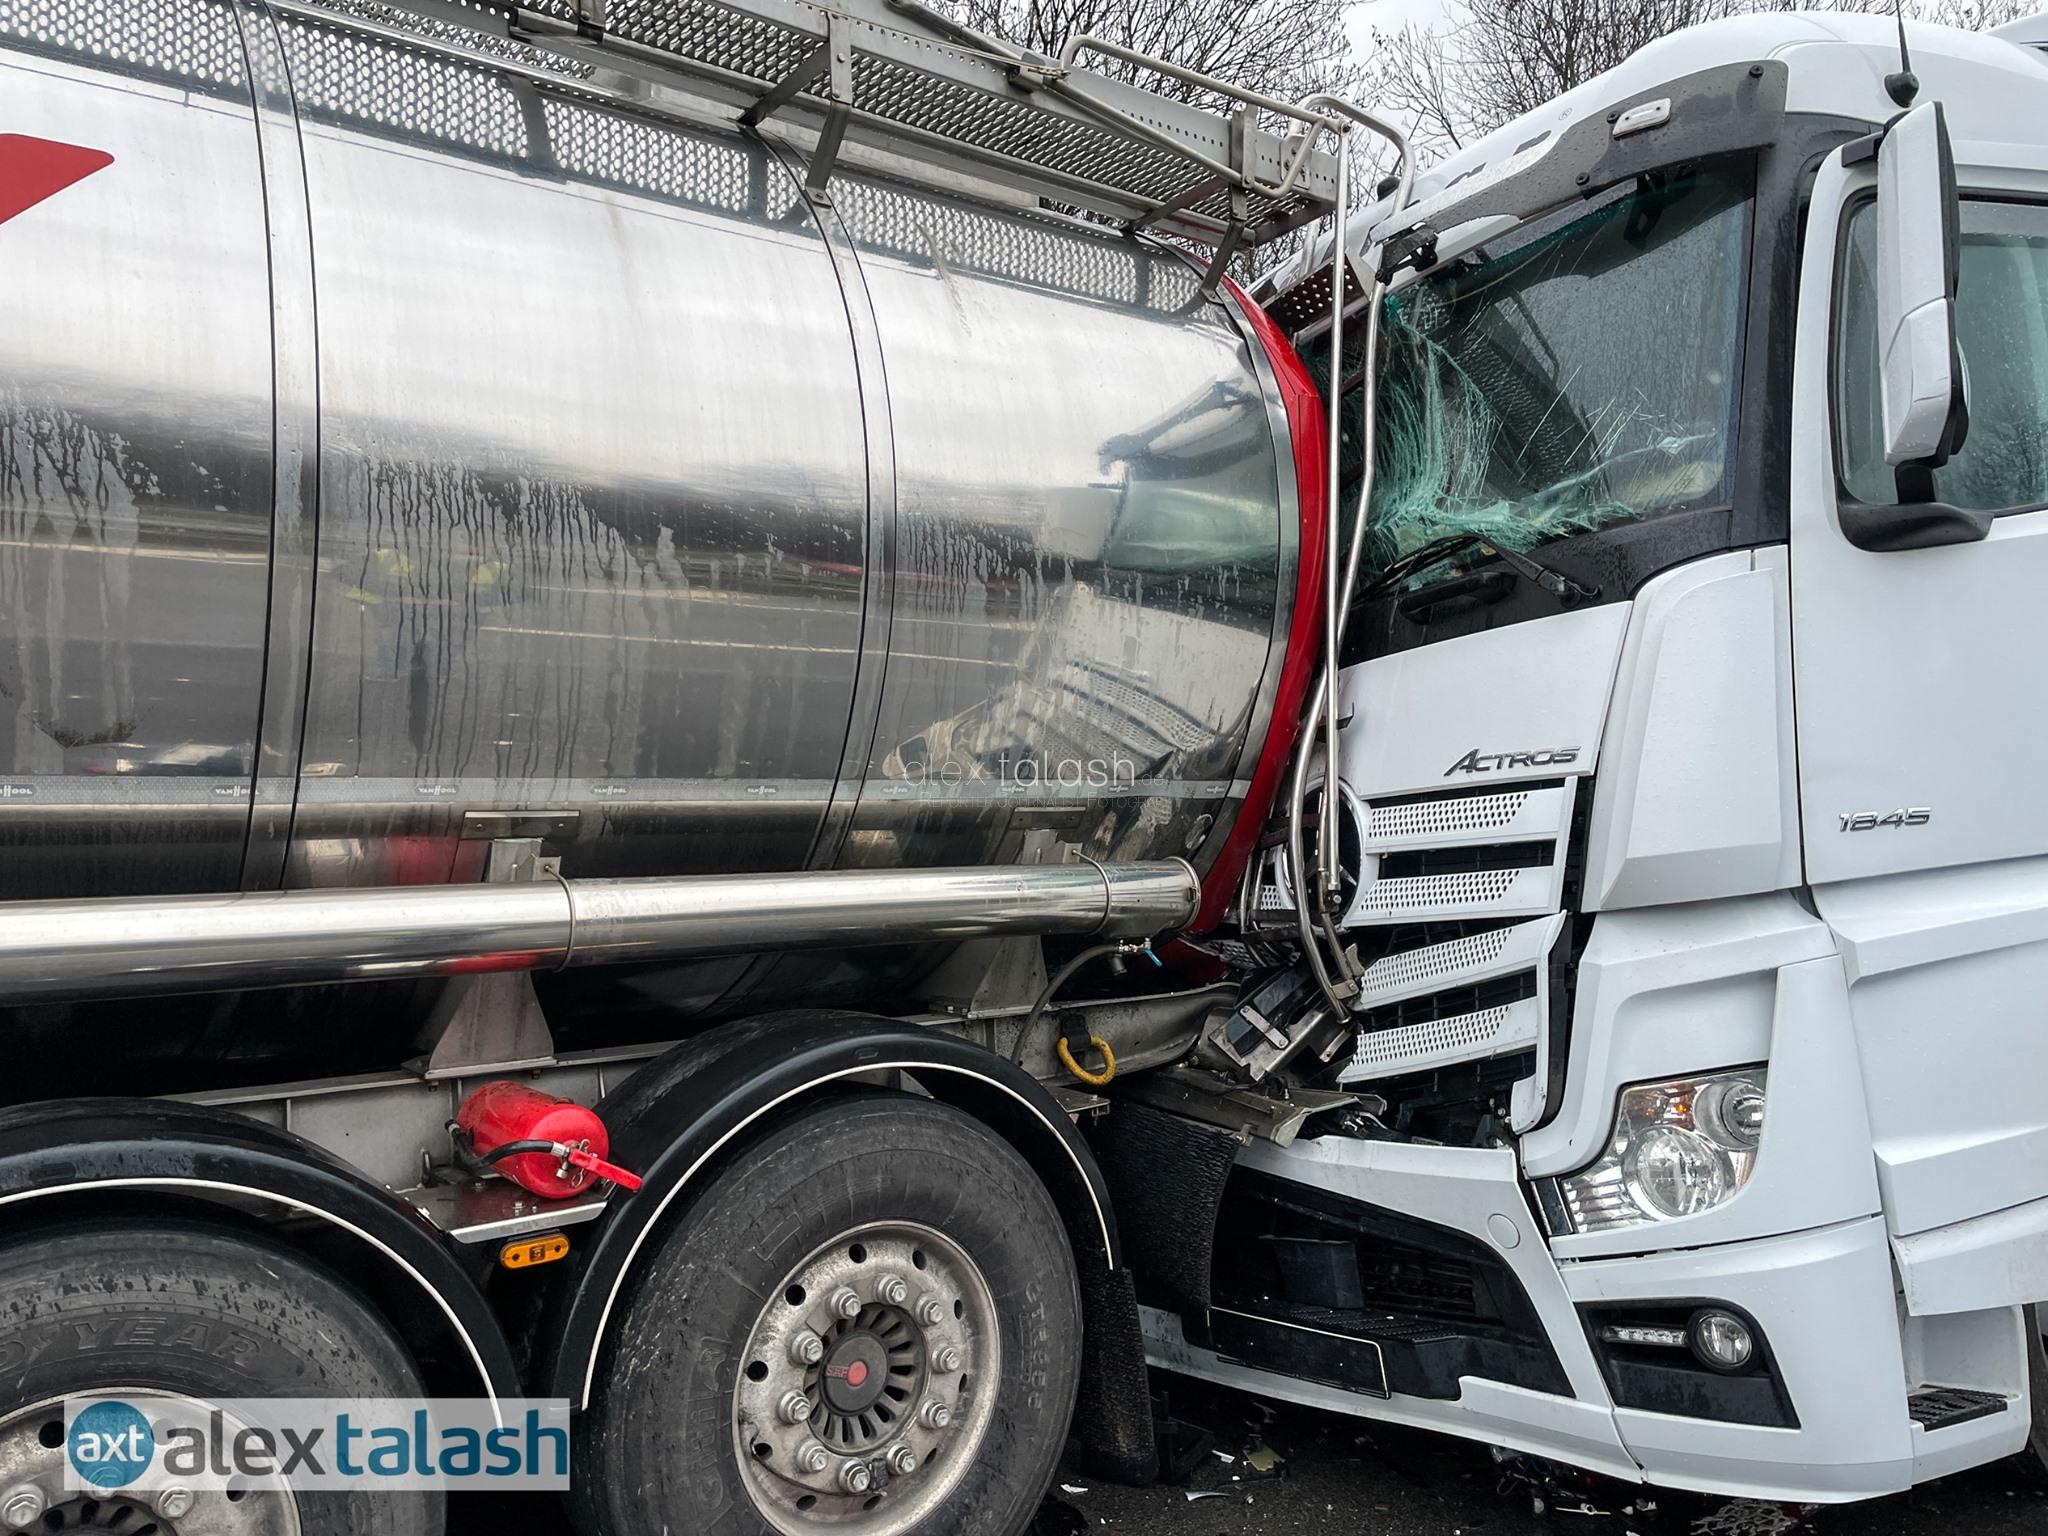 Über 10 Kilometer Stau: Unfall mit Gefahrgut-Lkw auf der A1 bei Hagen